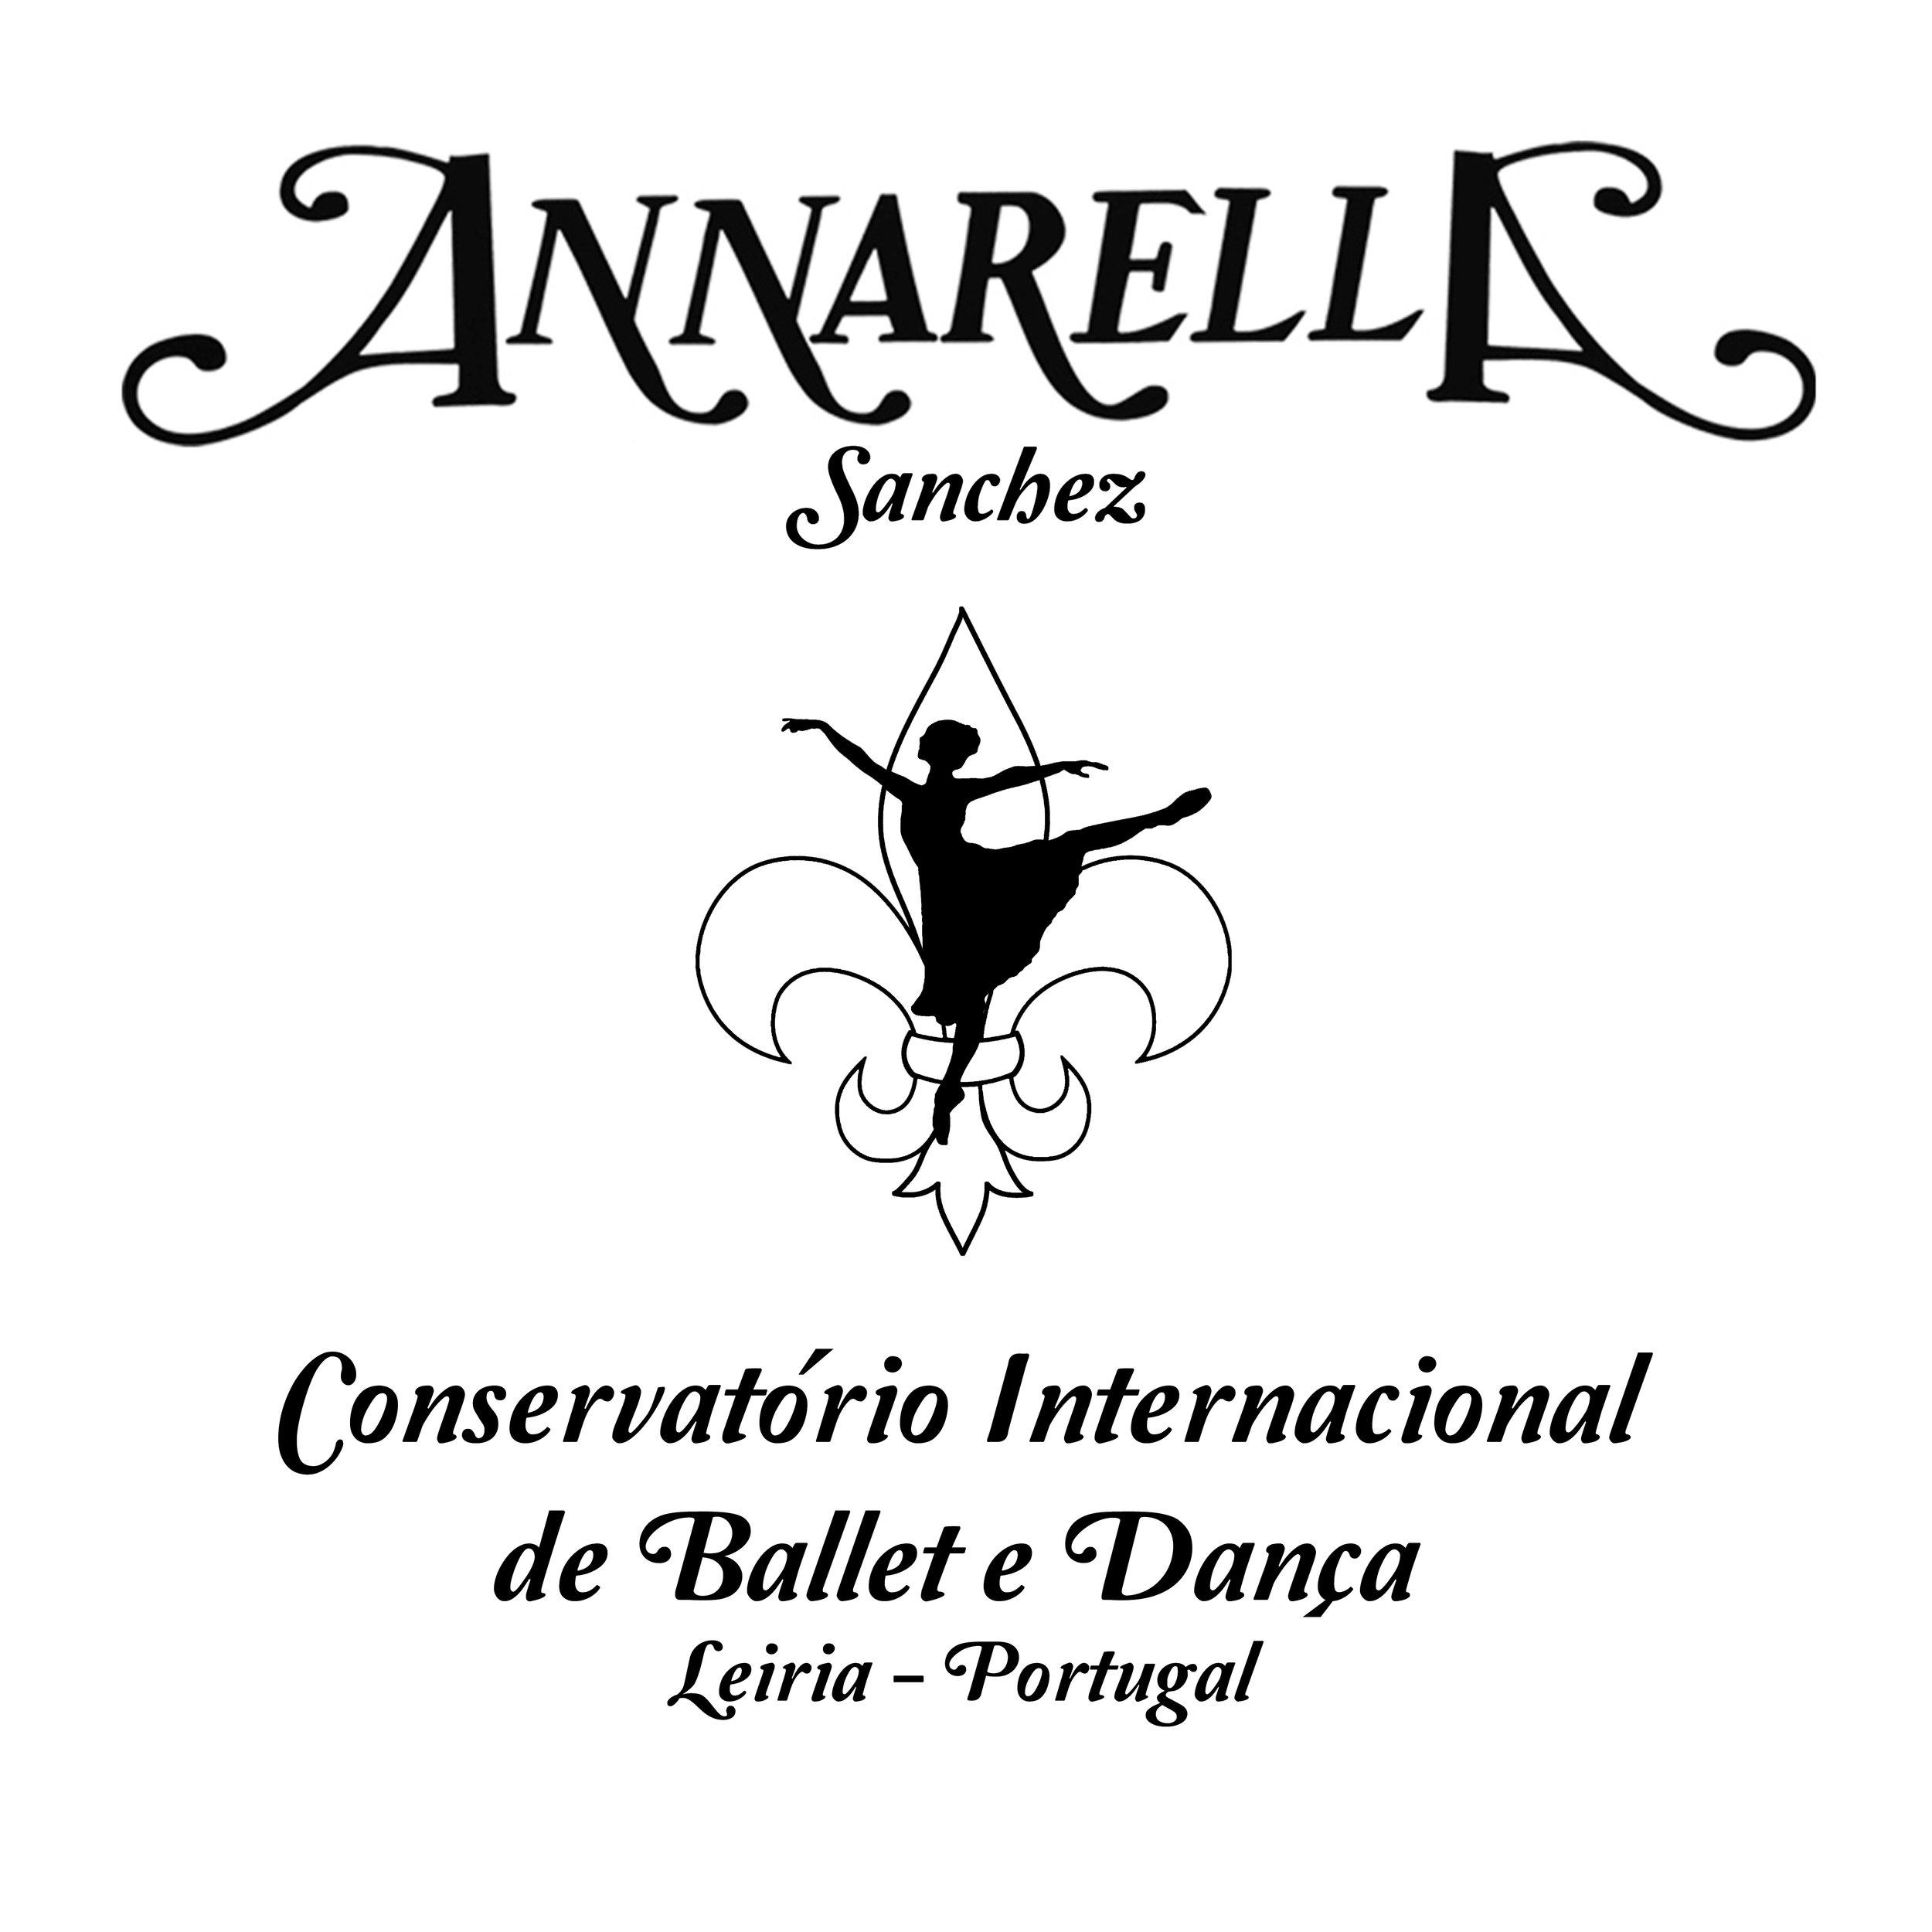 Academia Annarella.jpg